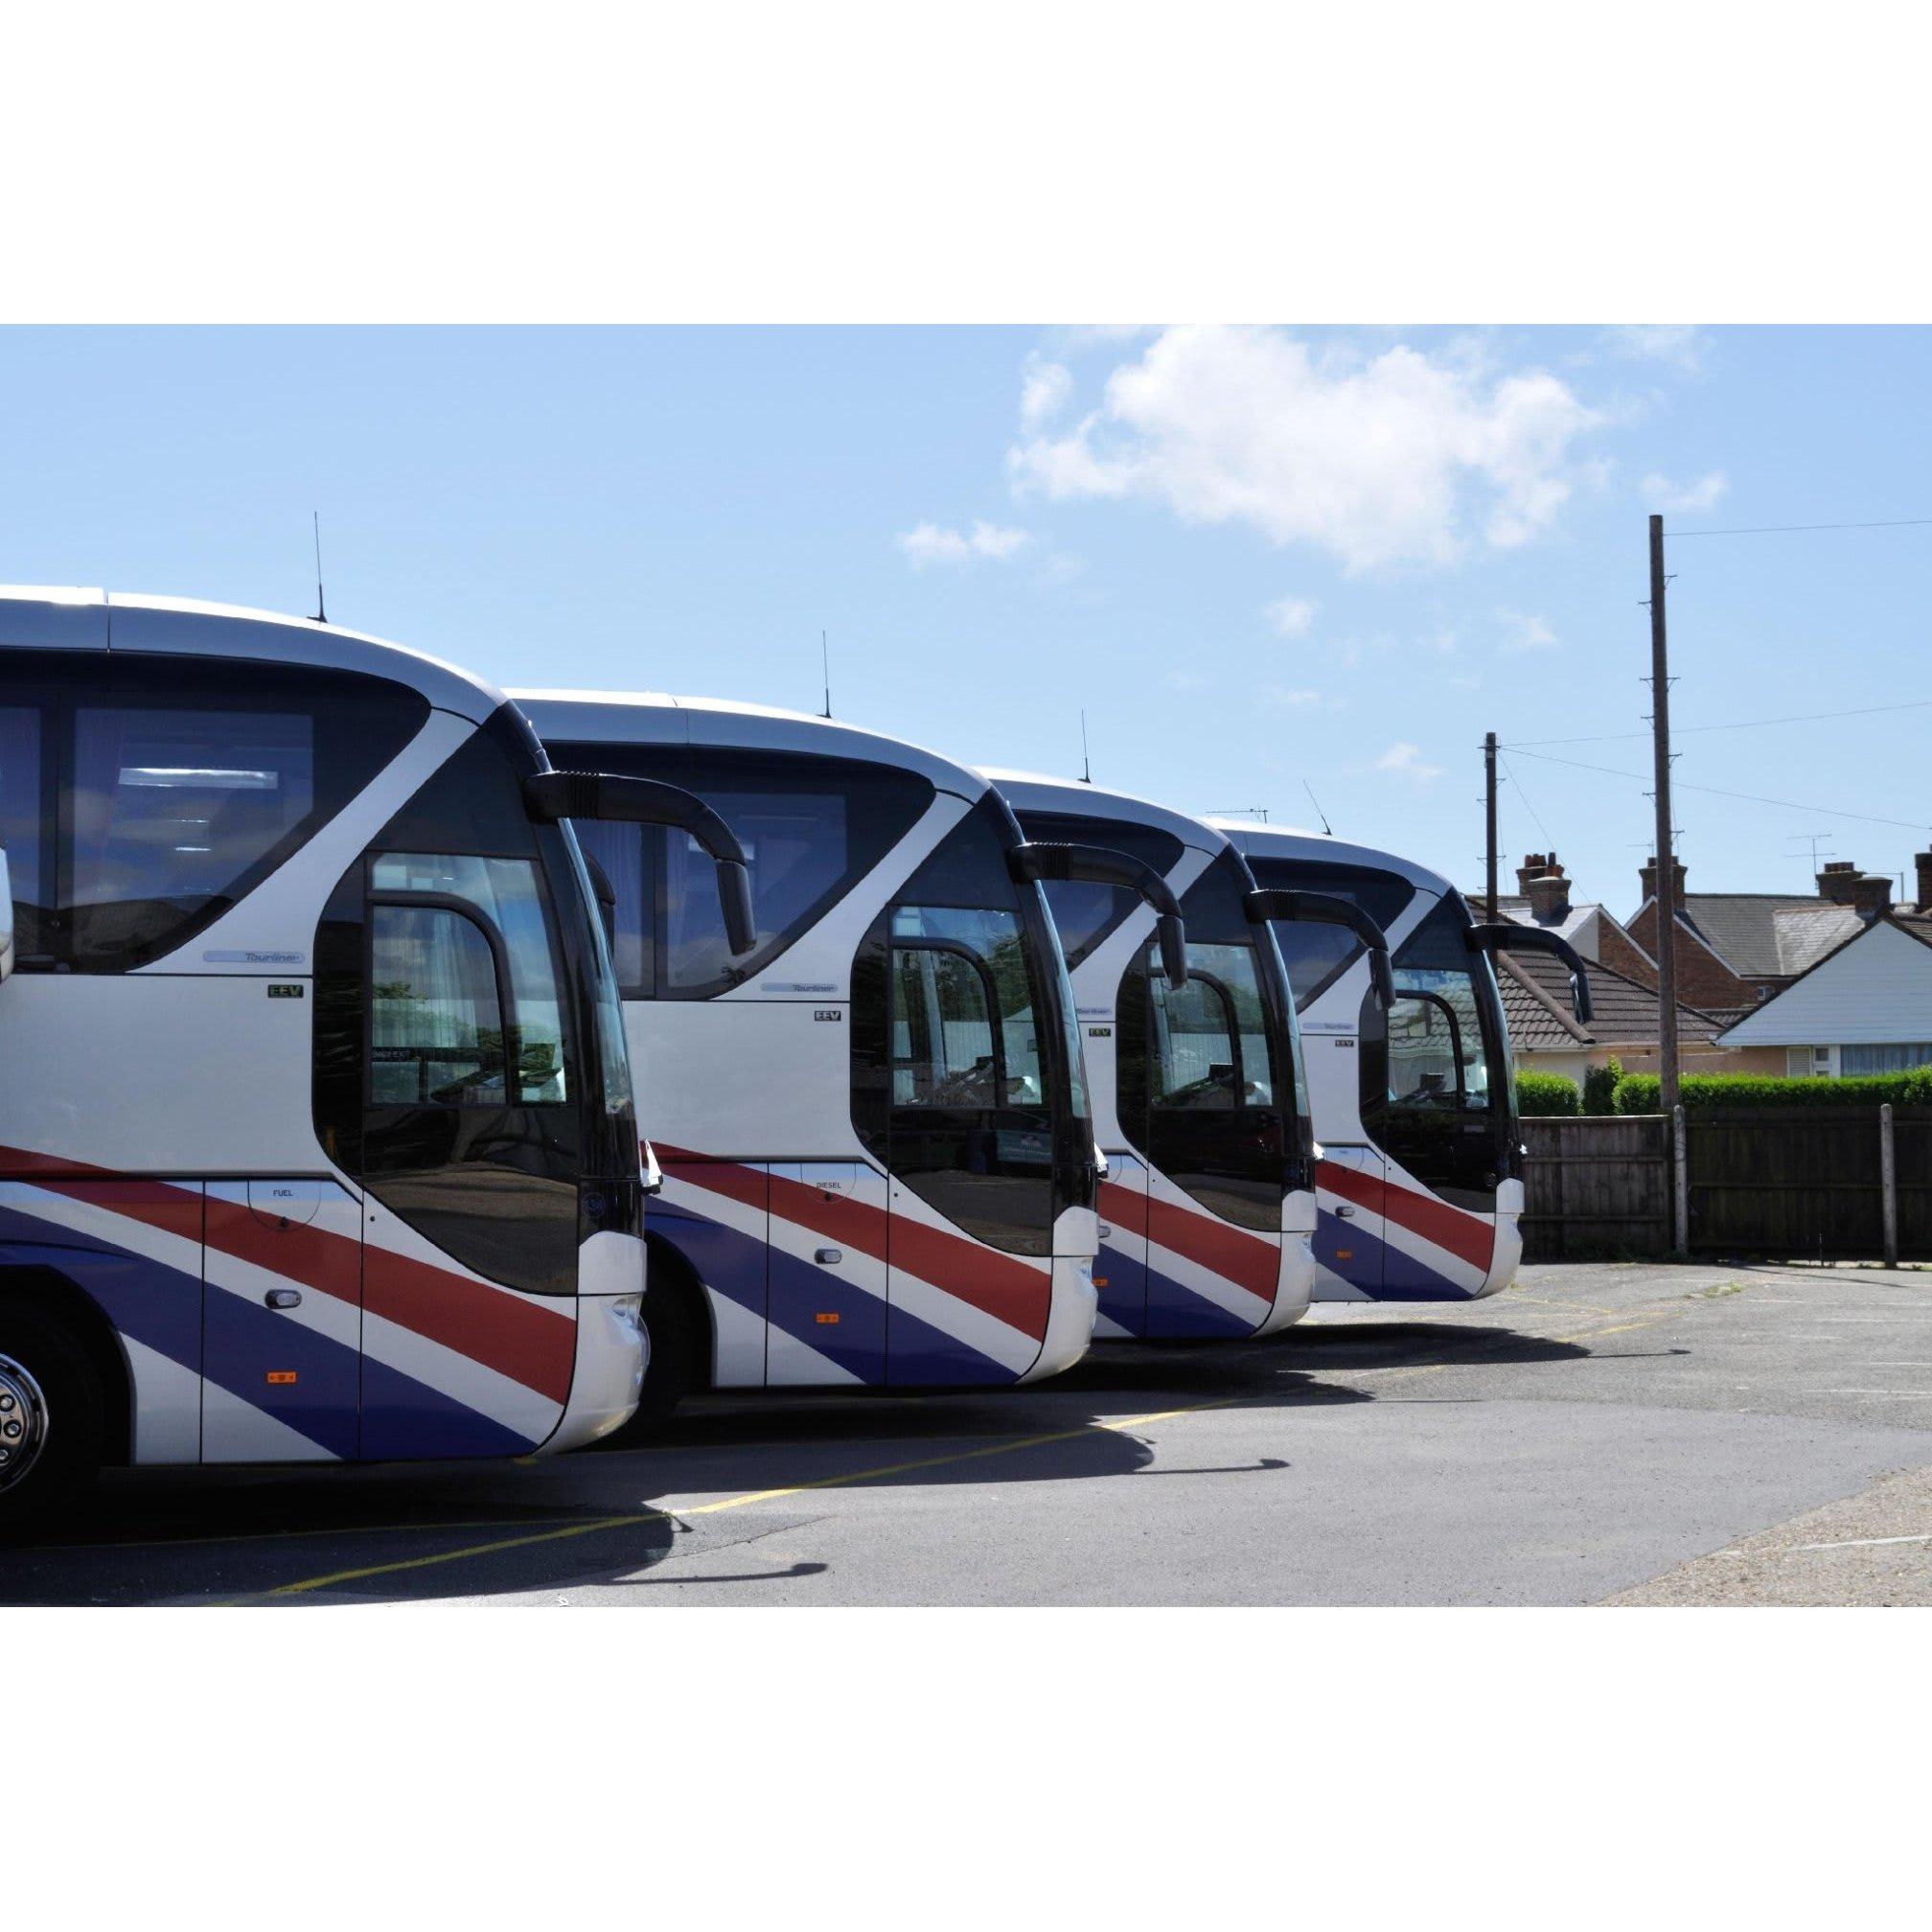 Invergordon Bus Tours - Invergordon, Inverness-Shire IV18 0DG - 07789 836520 | ShowMeLocal.com